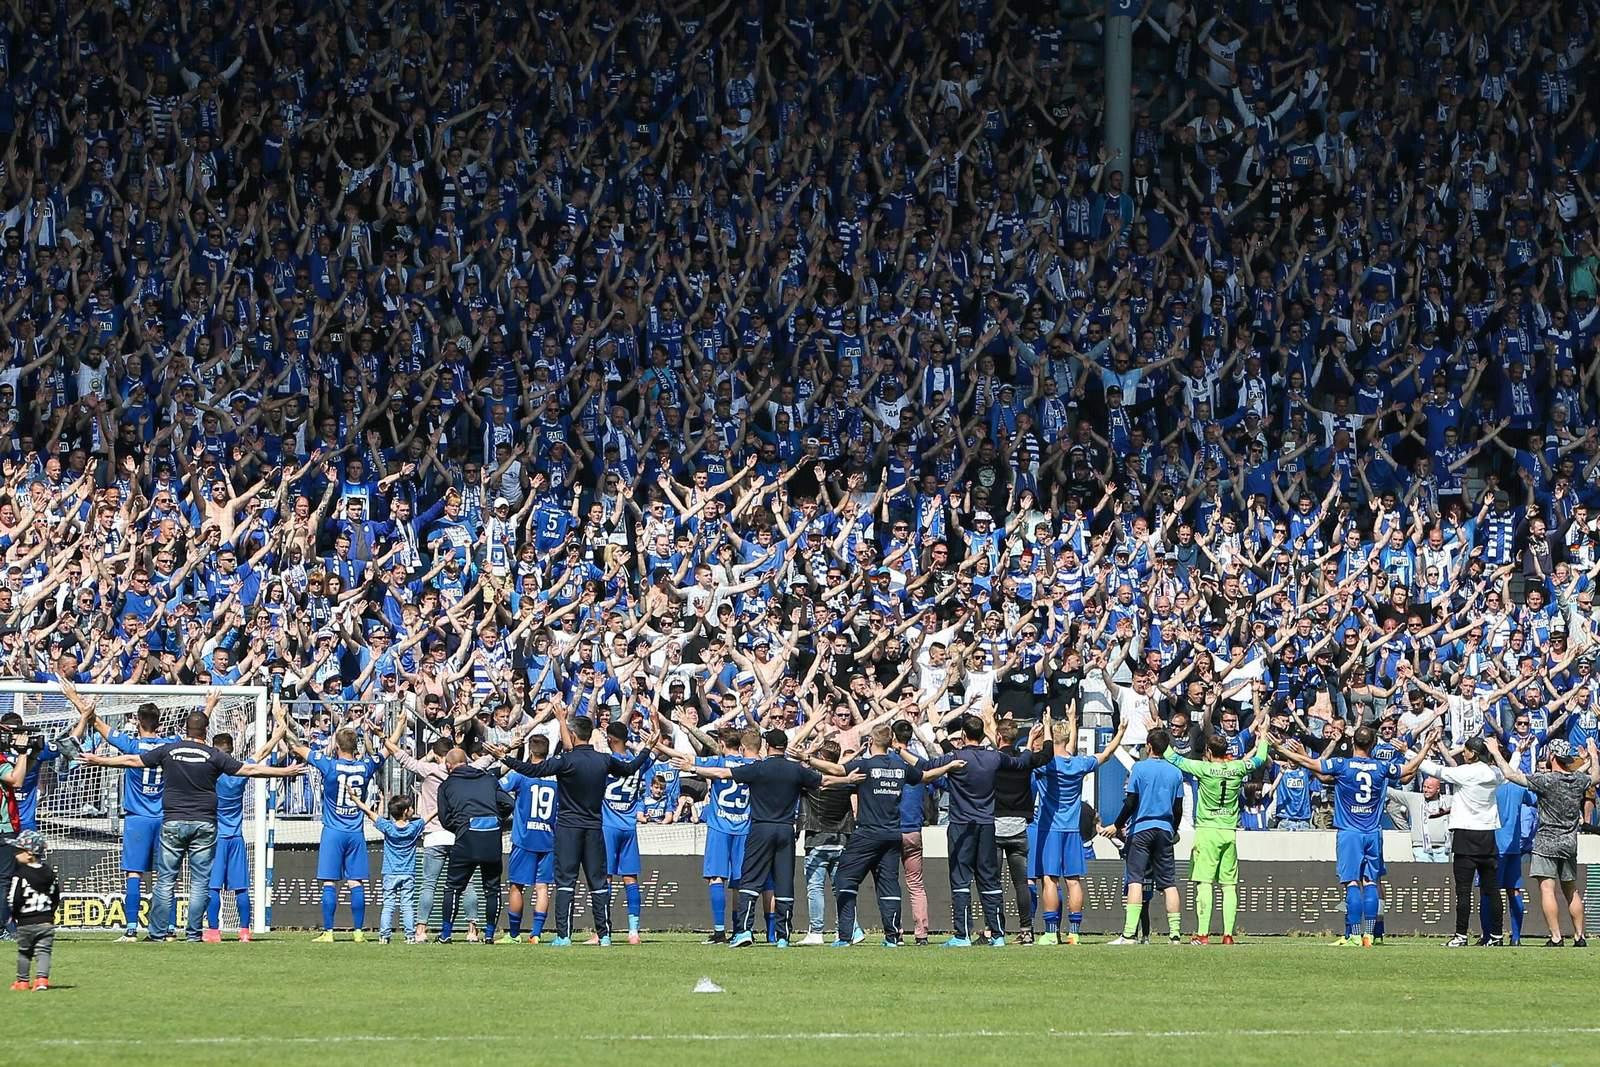 Die Mannschaft des FCM vor den Fans